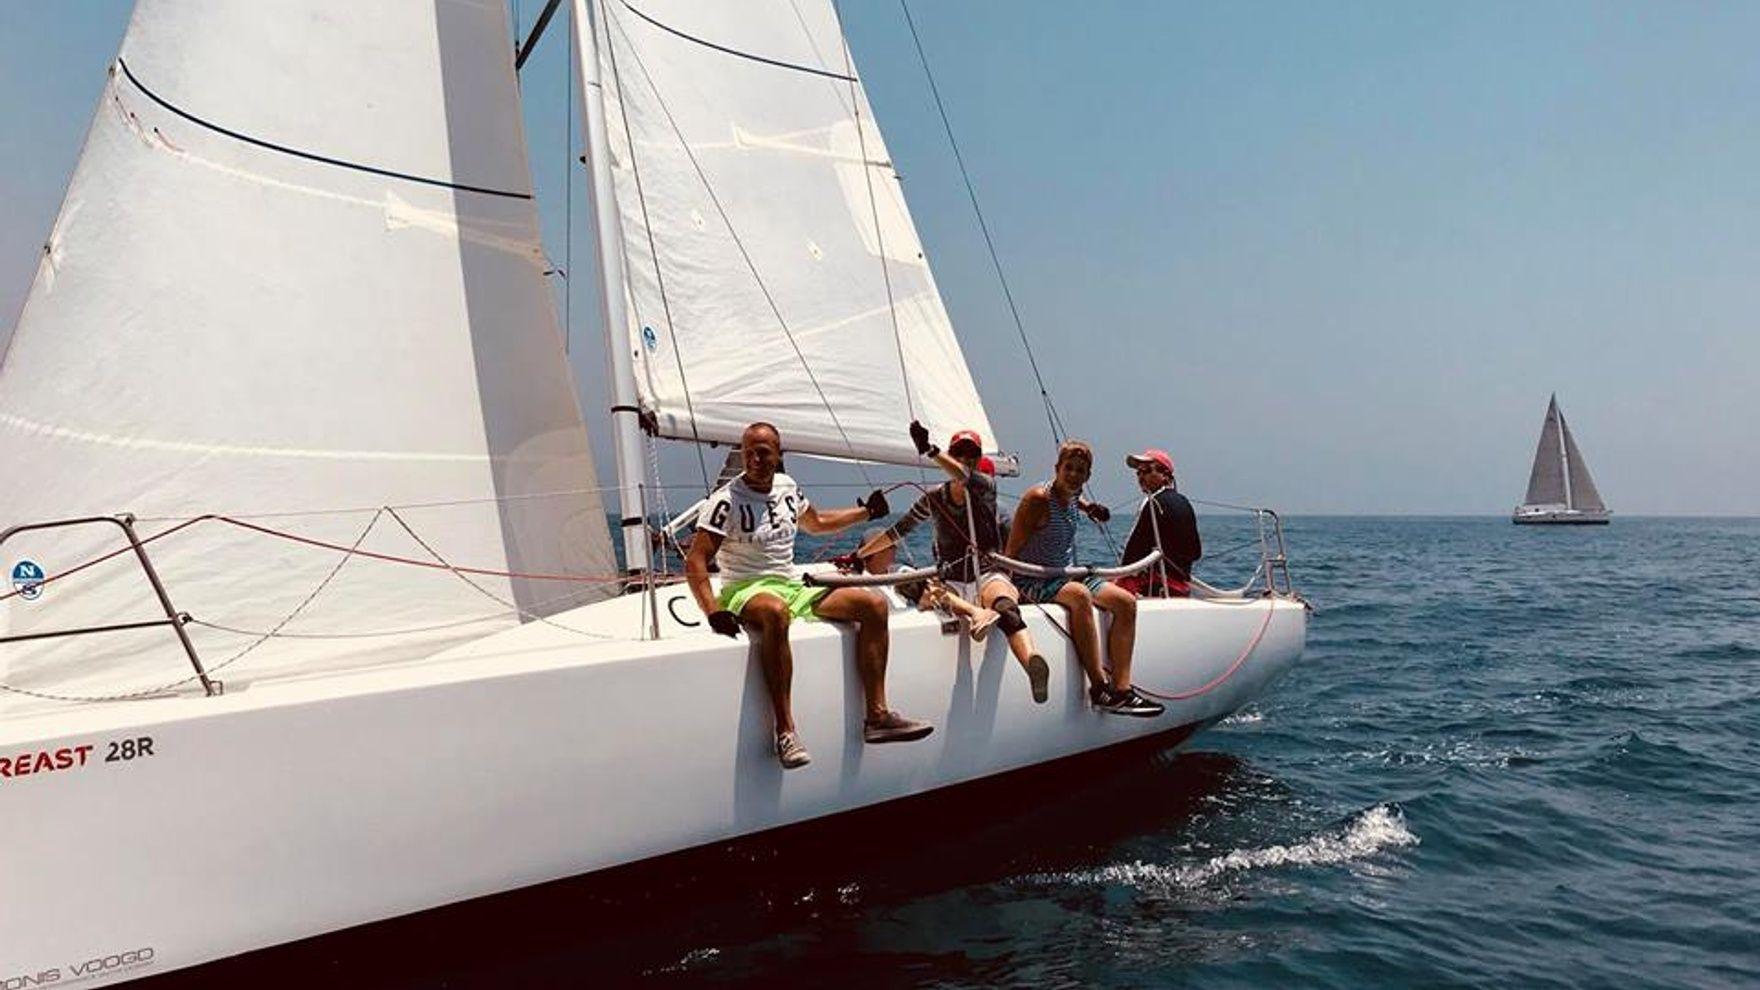 Регата Cyprus Open Fareast 28R